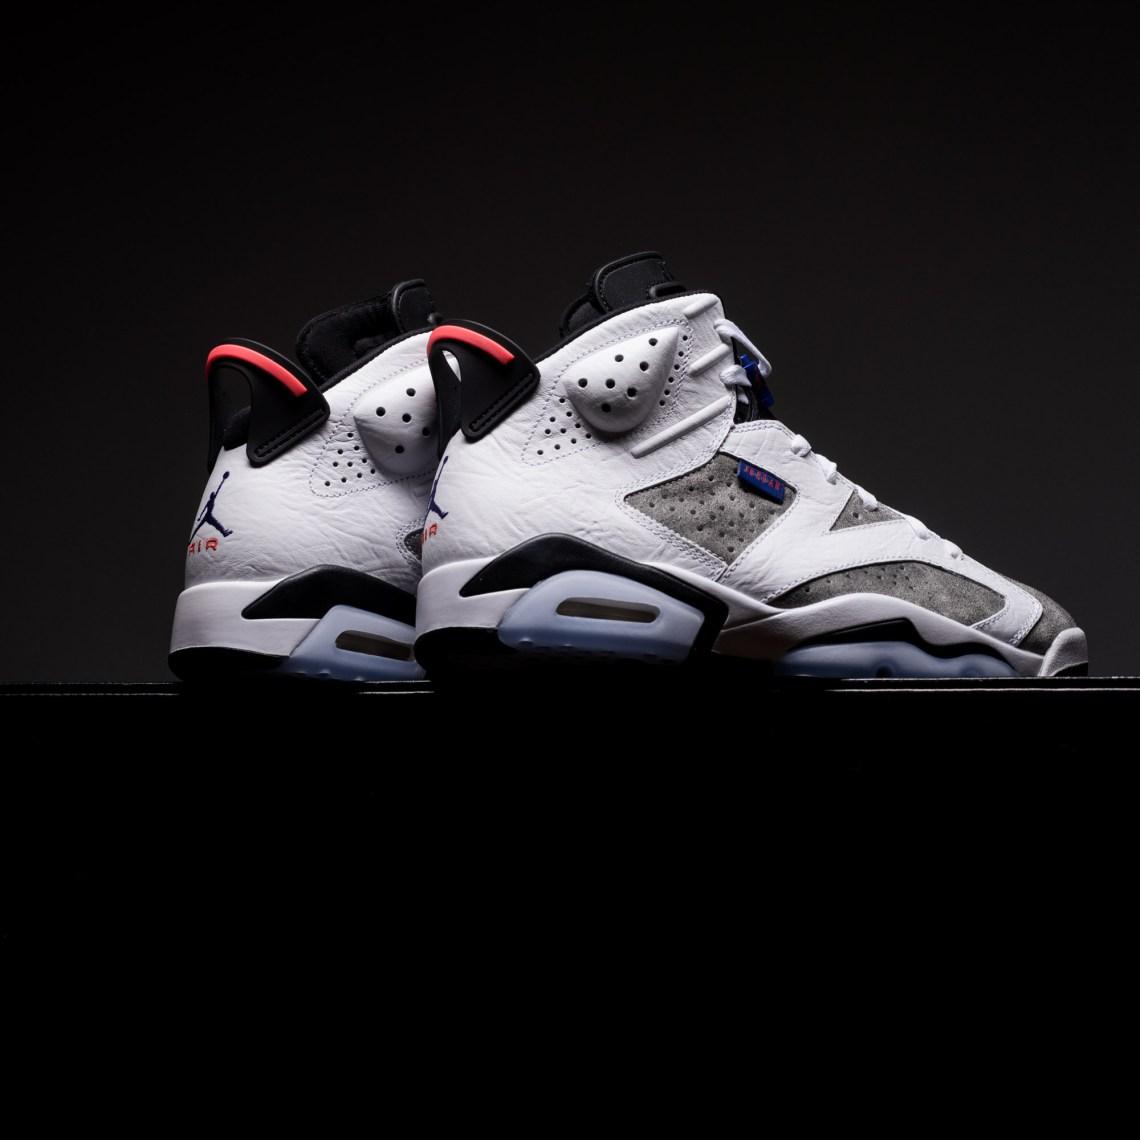 e716430dda3cbe Jordan Brand is Calling This Dark Concord Air Jordan 6 the